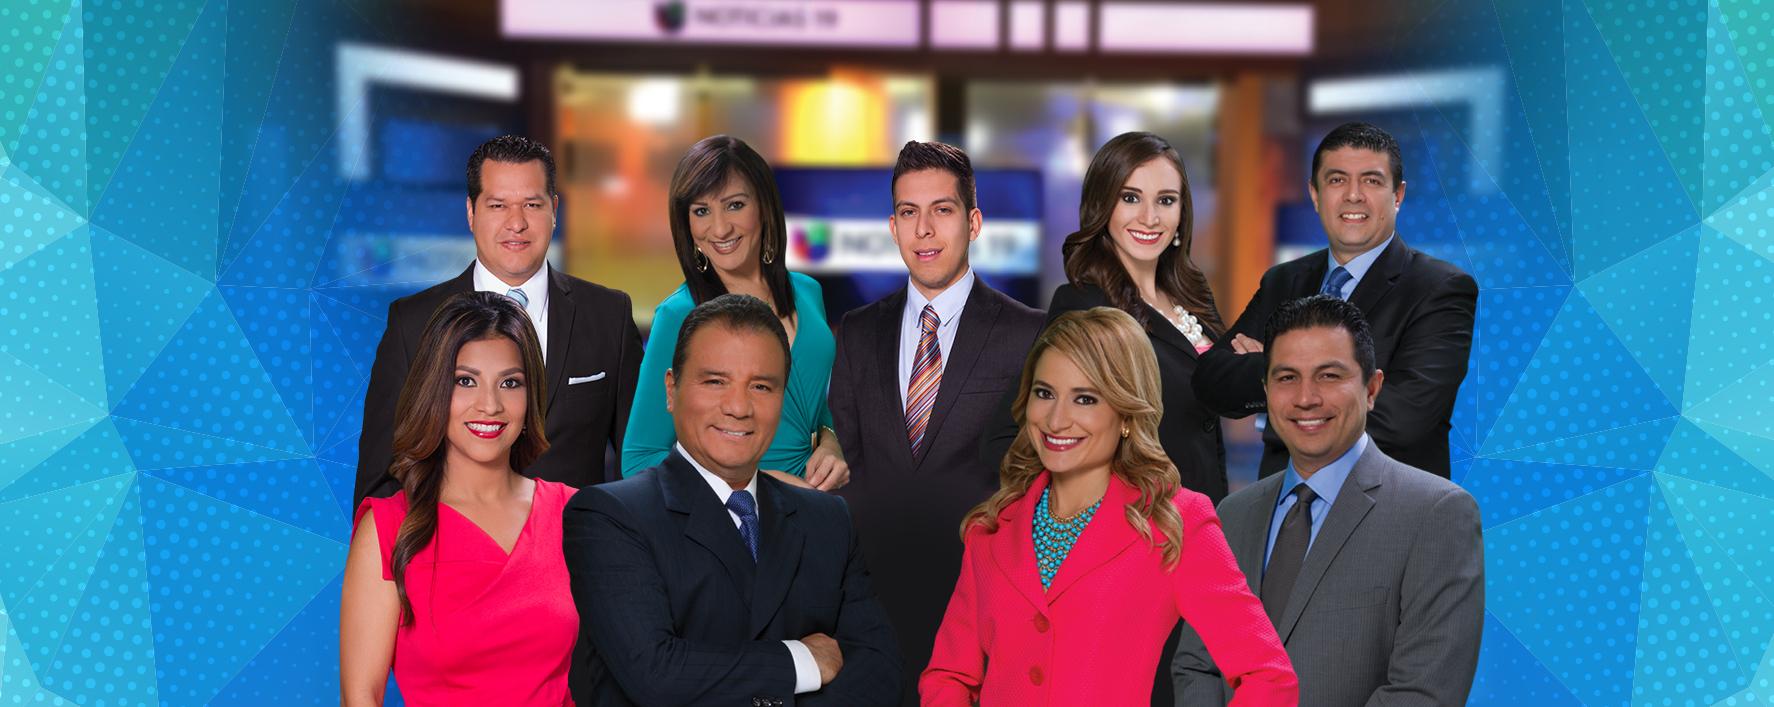 image of Noticias 21 De Fresno California 01